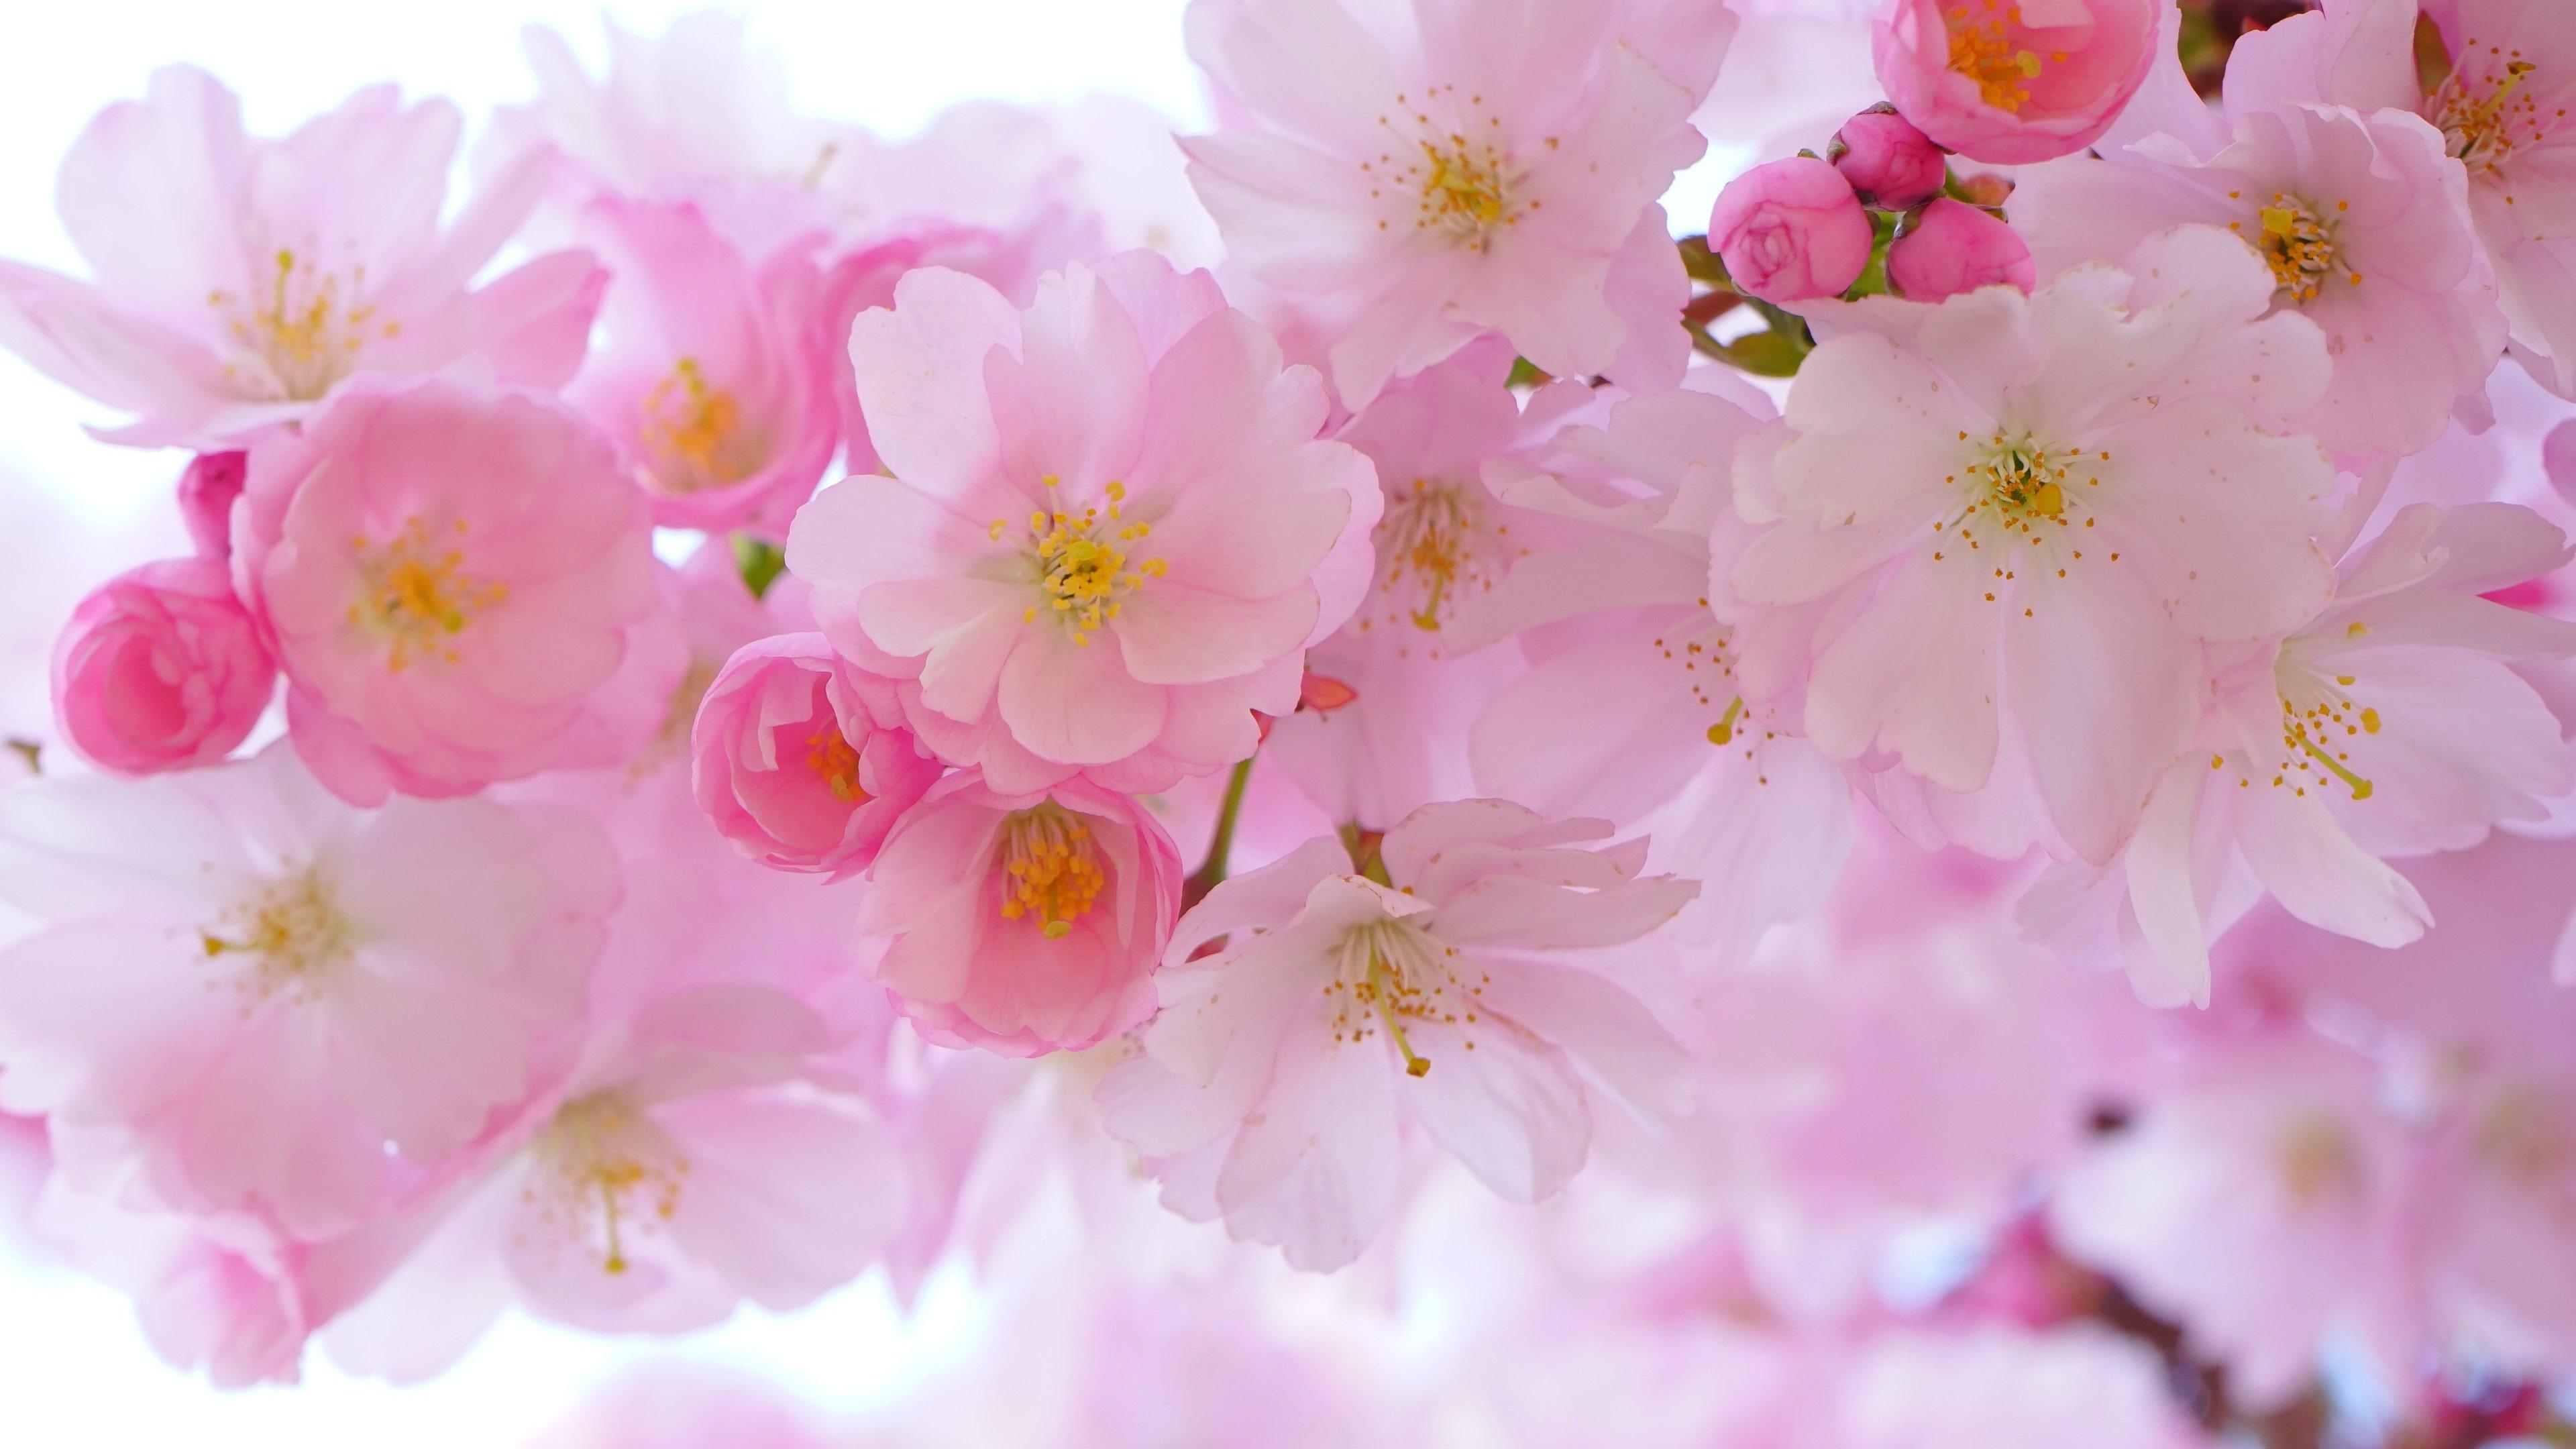 flower wallpaper for mobile, desktop, hd